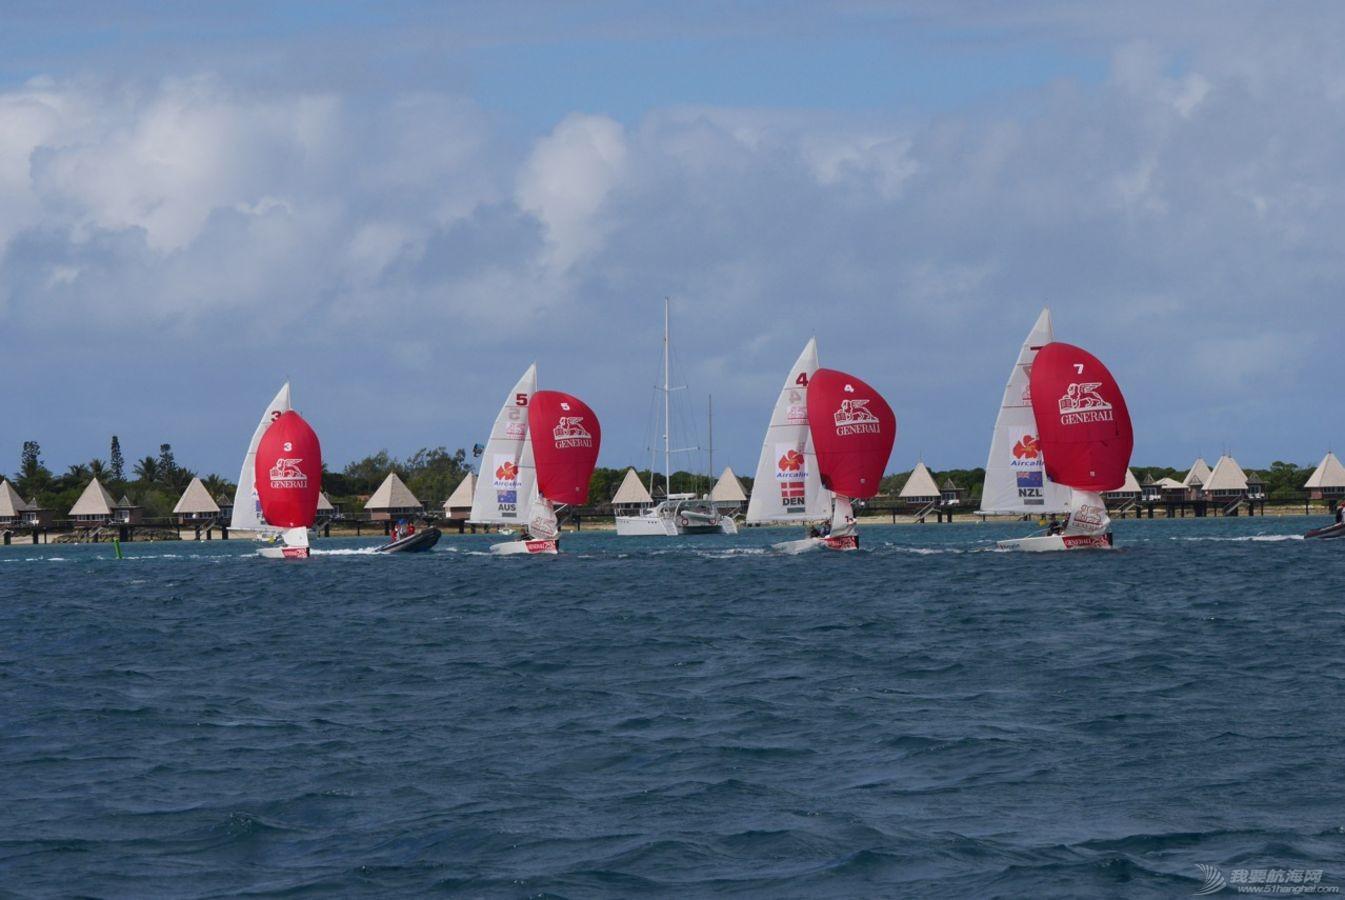 国际帆联,ISAF,2016年,6月份赛事一览表 国际帆联(ISAF)2016年6月份赛事一览表 16_youthMRworlds_day2_rdax_80.jpg